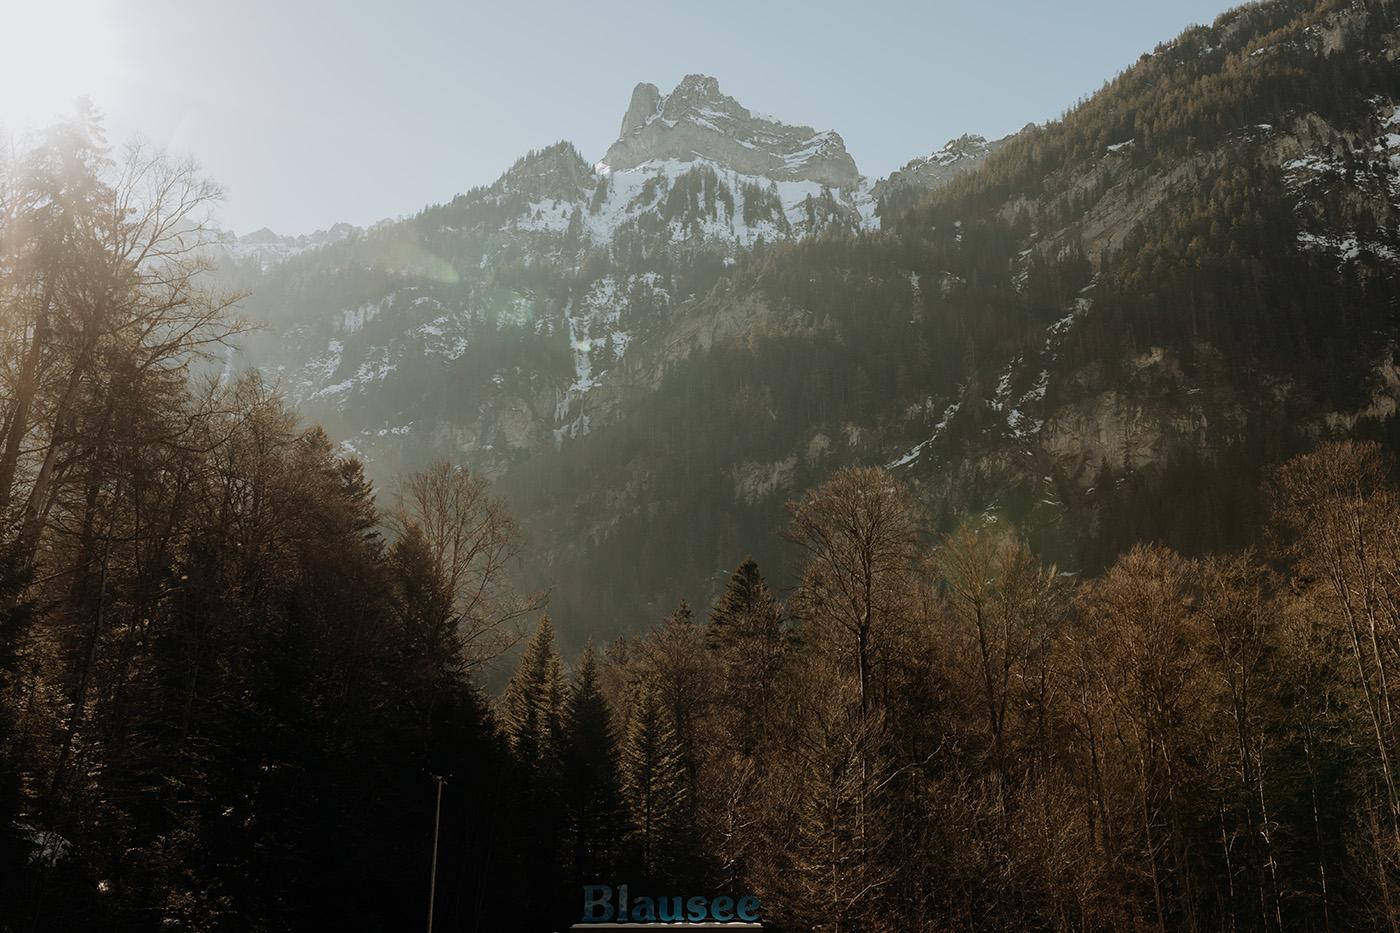 Szwajcaria - sesja plenerowa 1